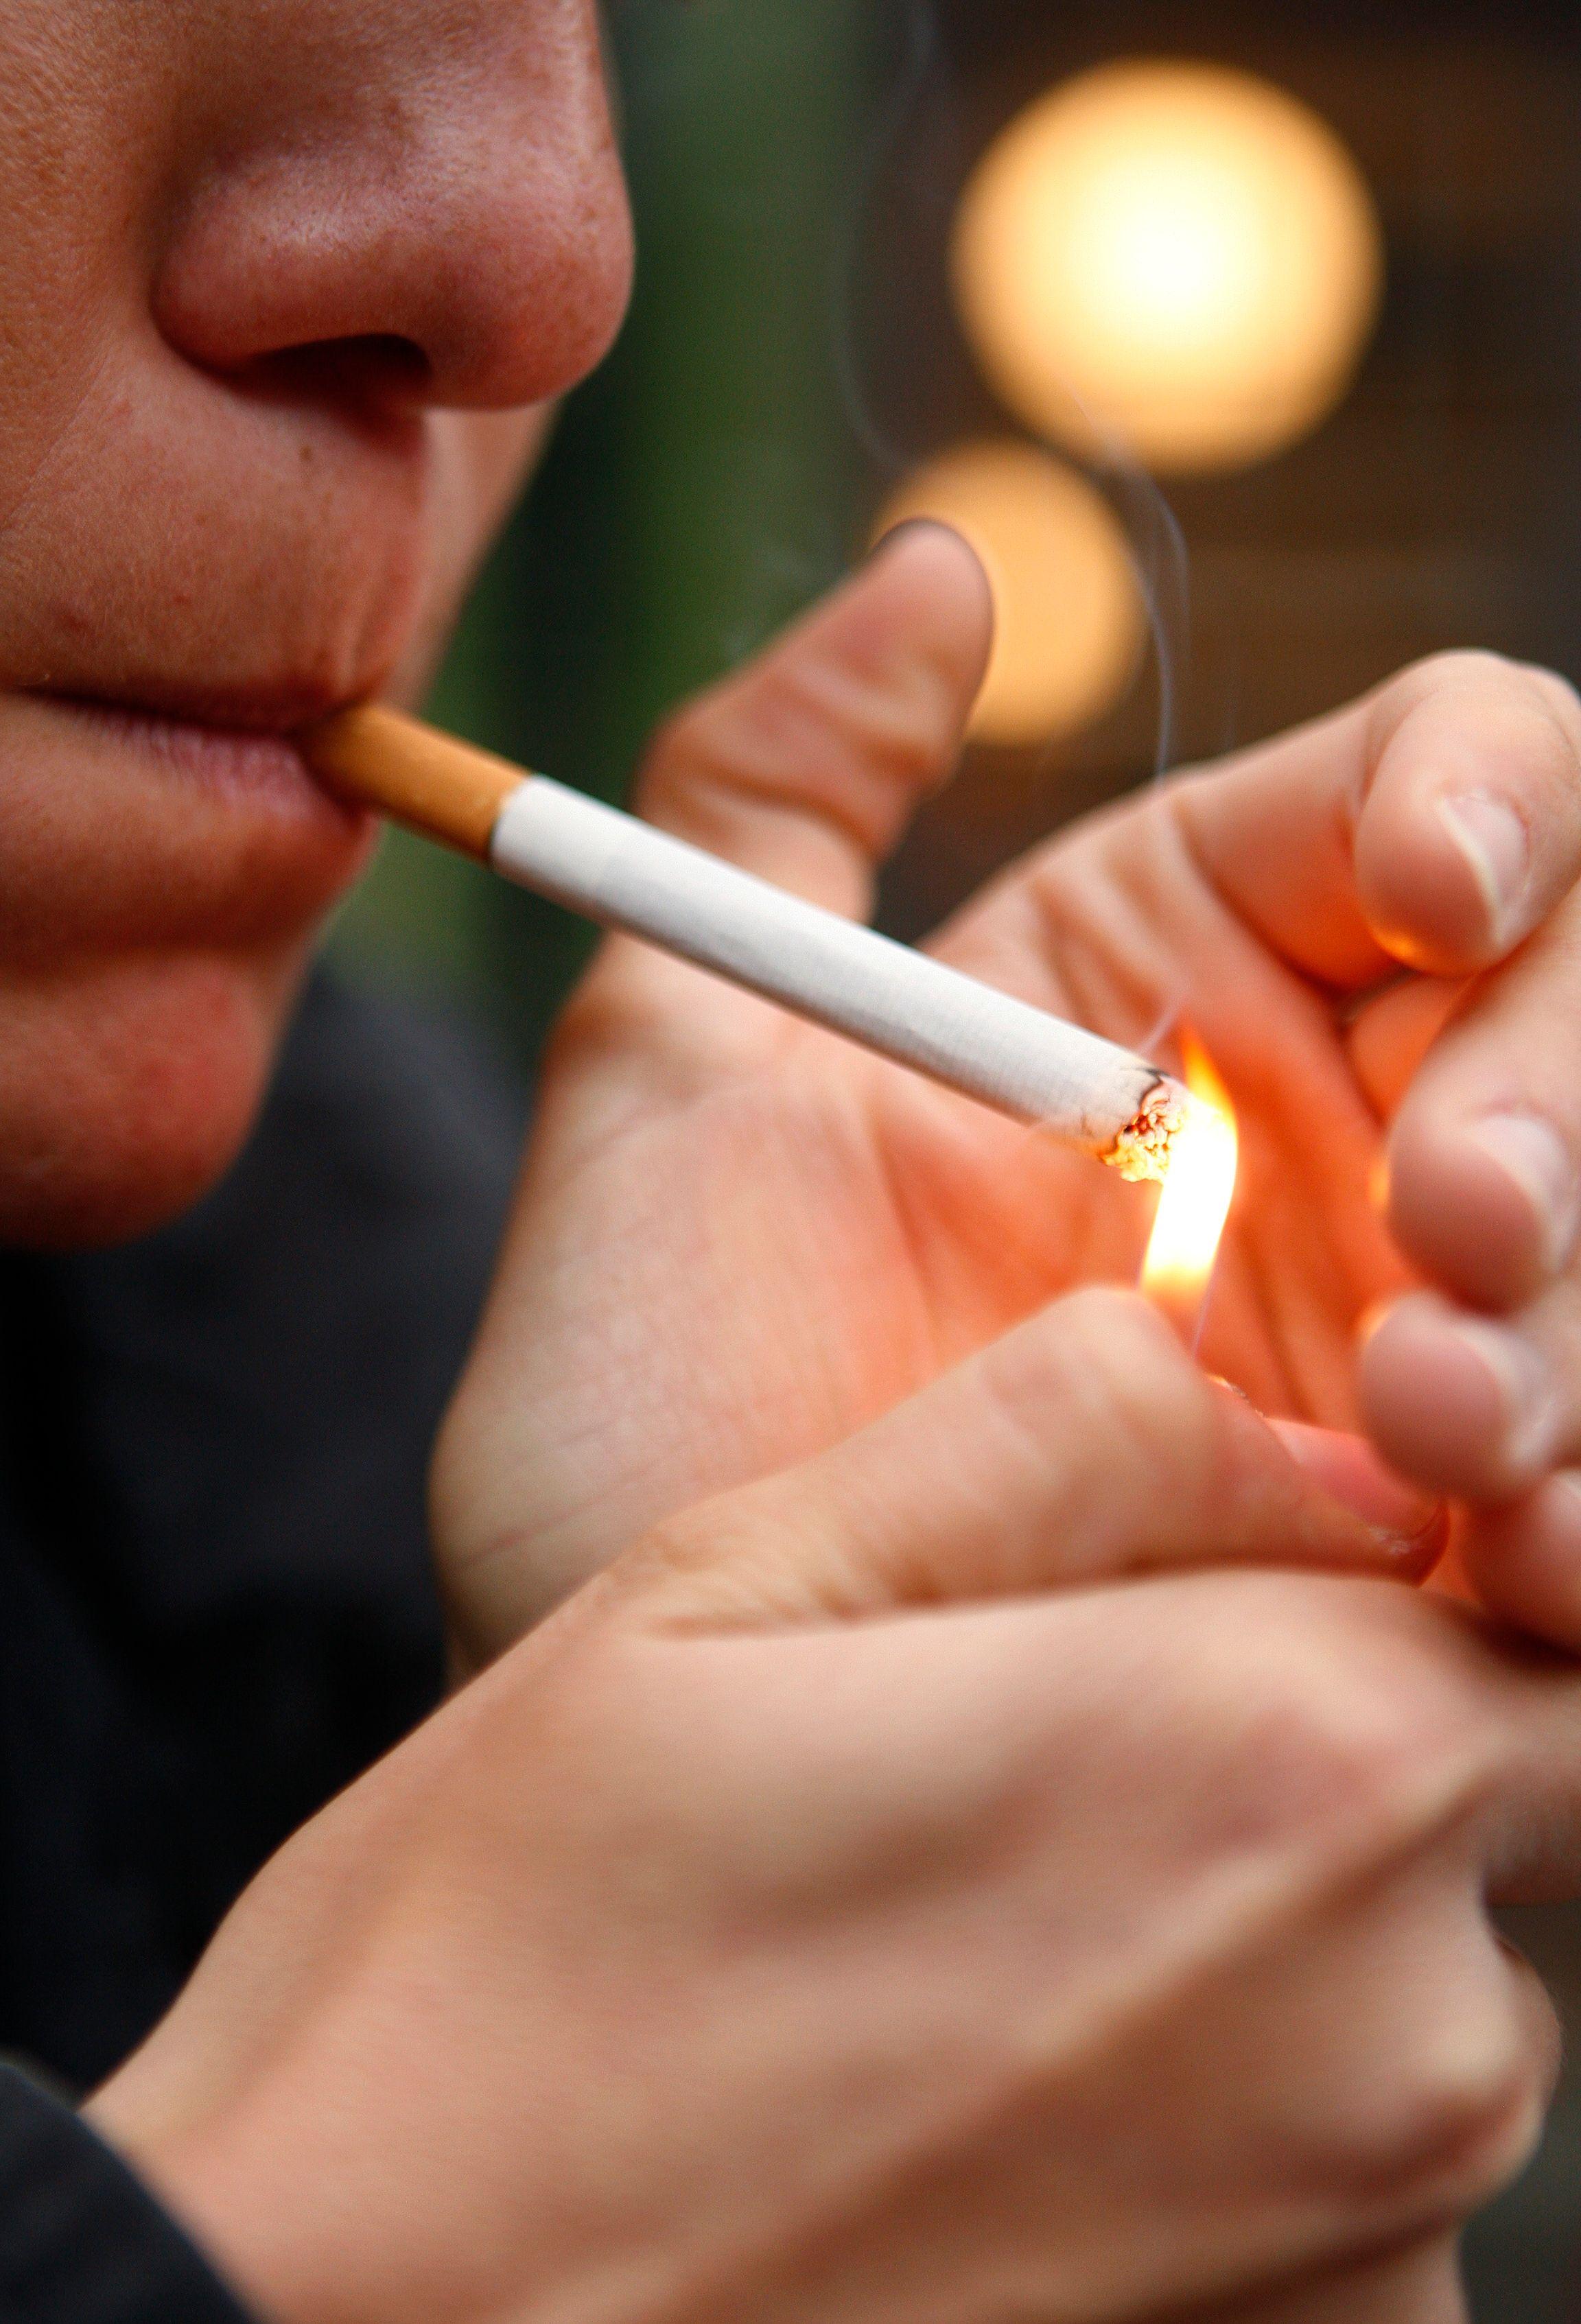 Une étude anglaise révèle qu'arrêter de fumer réduit l'anxiété.